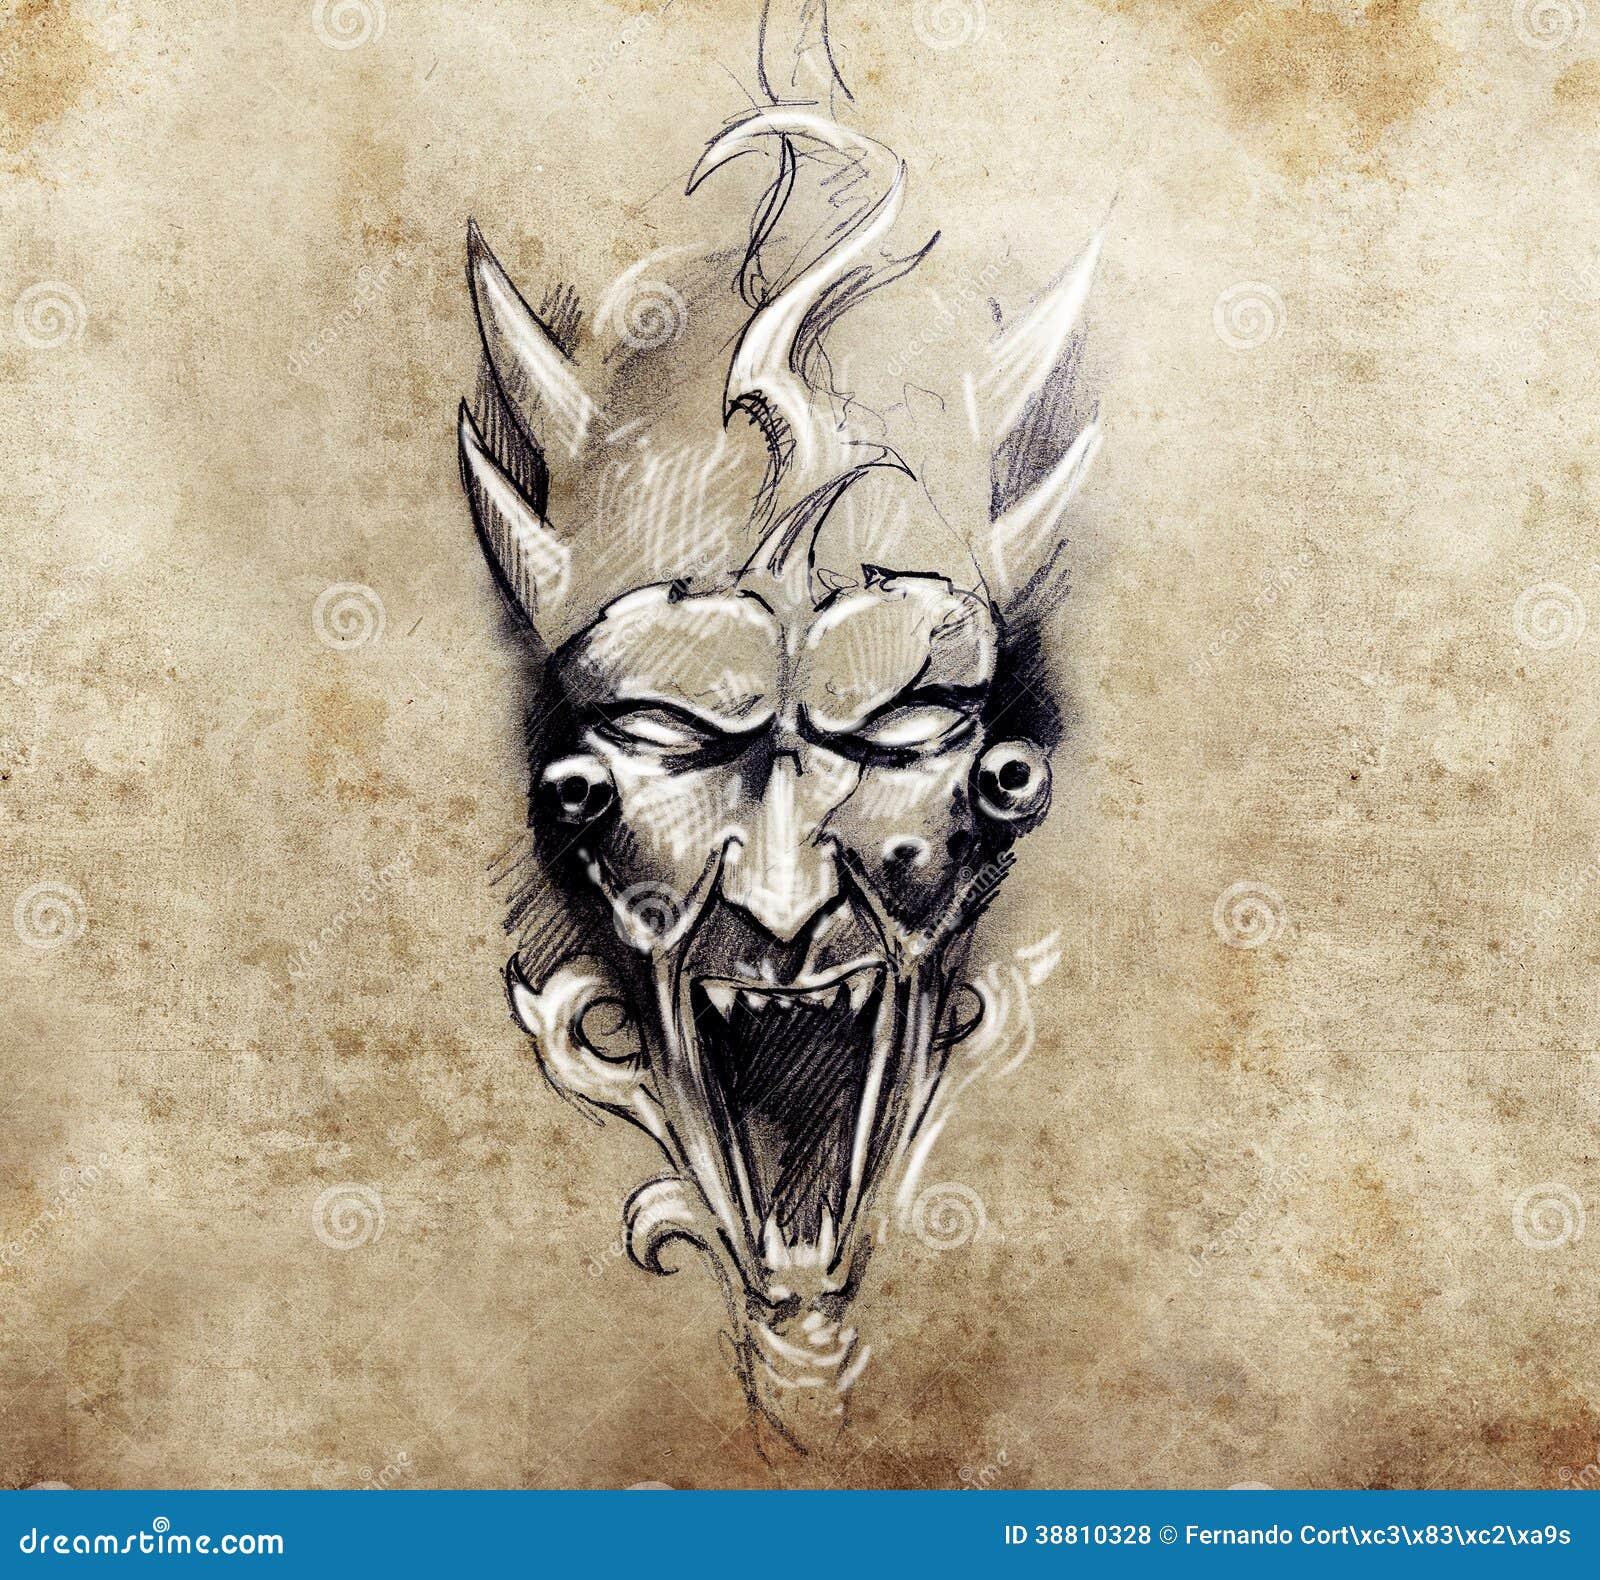 tattoo art sketch of a devil with big horns stock illustration image 38810328. Black Bedroom Furniture Sets. Home Design Ideas